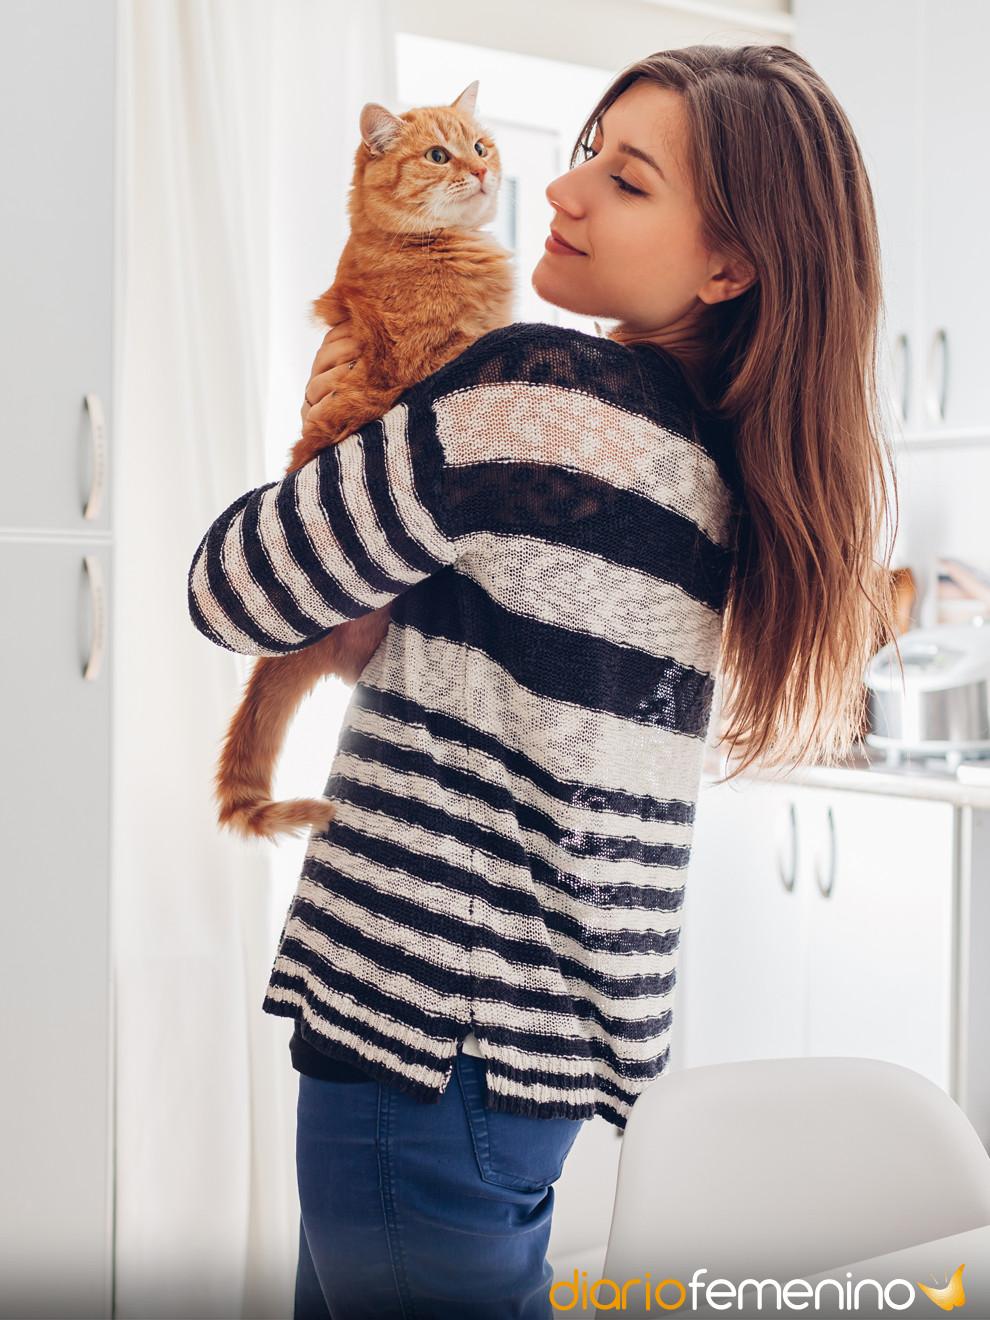 El significado de soñar con gatos: ¡cuidado con tus sueños felinos!